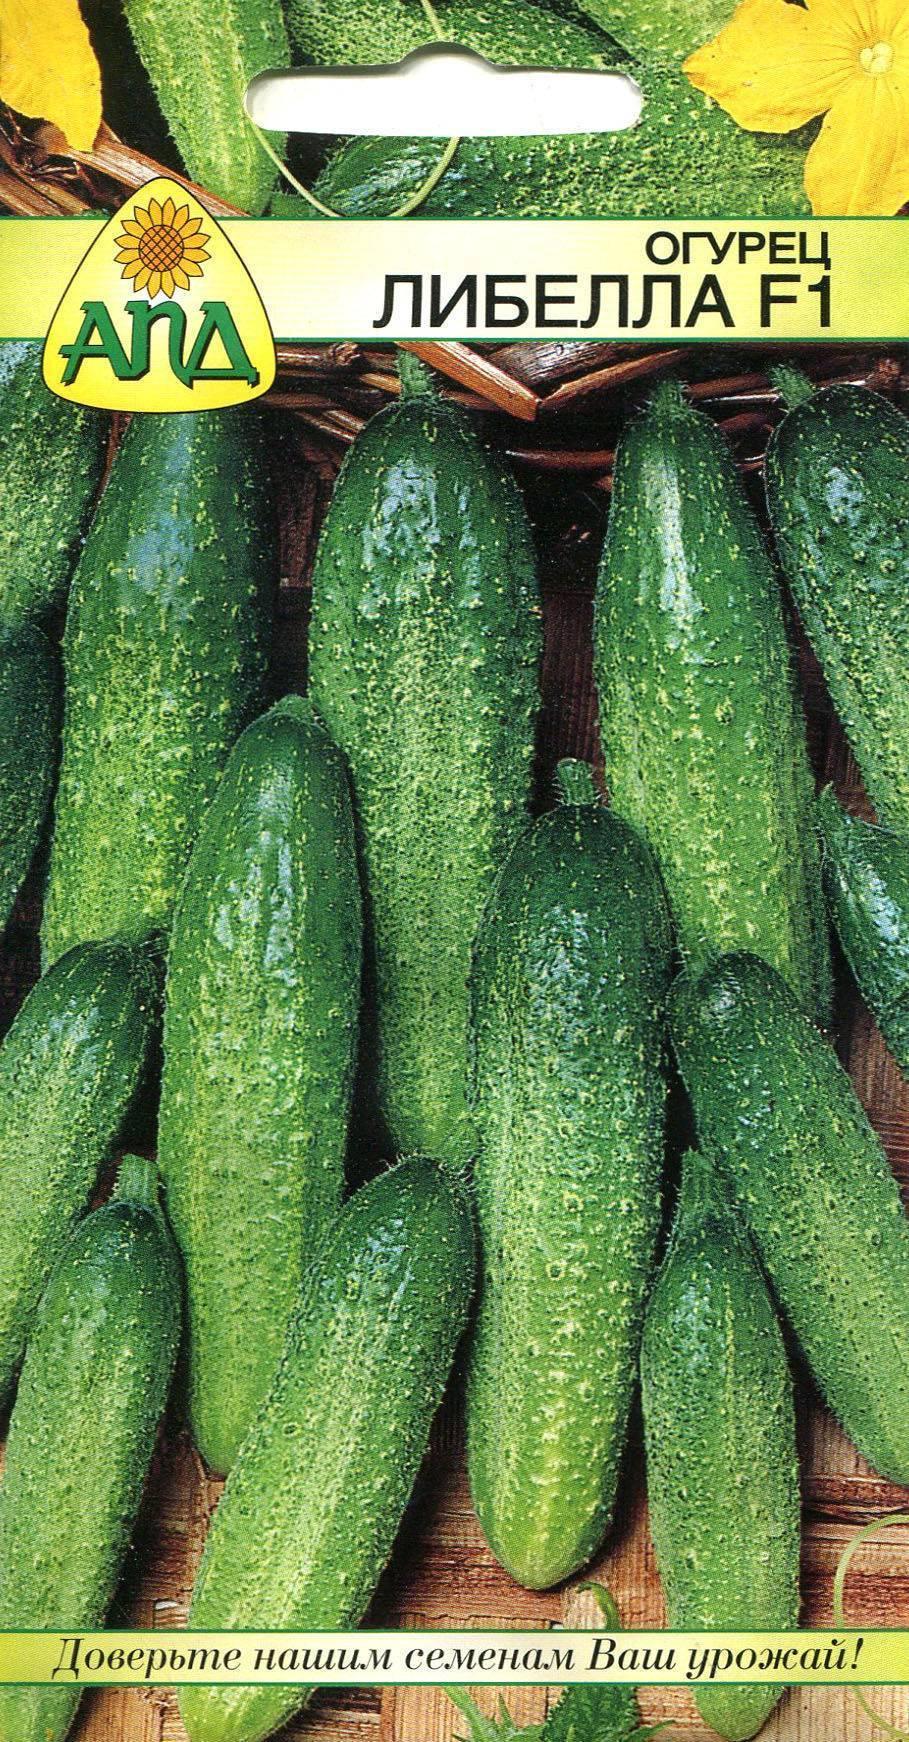 Огурцы либелла: описание гибрида, фото кустов и плодов, отзывы фермеров о выращивании либелле (f1)